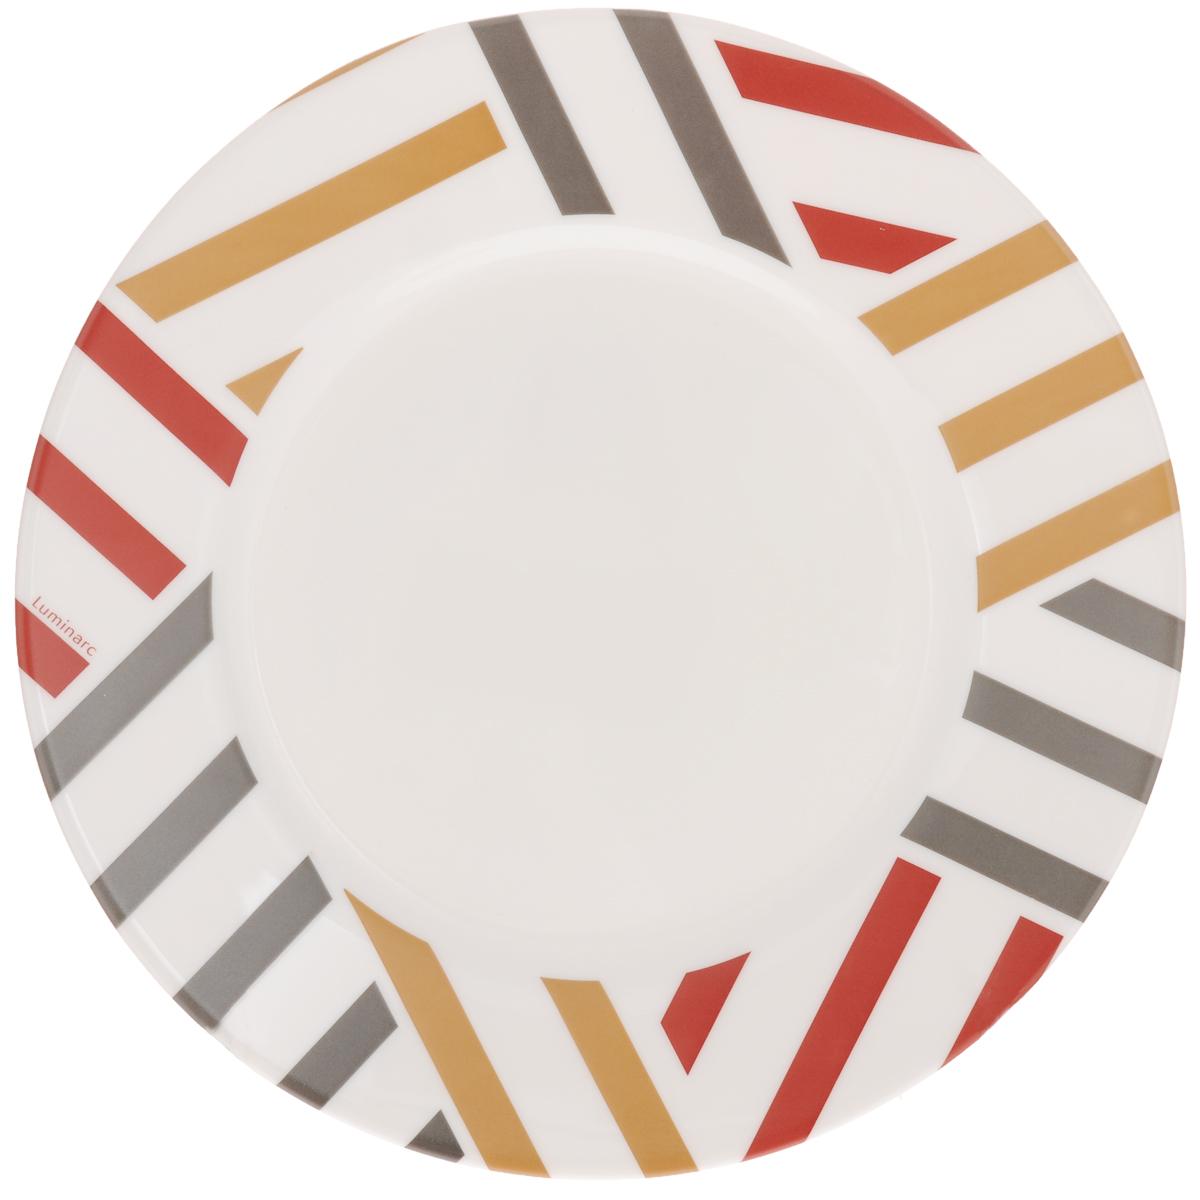 Тарелка десертная Luminarc Balnea, диаметр 19 см115510Десертная тарелка Luminarc Balnea изготовлена из ударопрочного стекла. Такая тарелка прекрасно подходит как для торжественных случаев, так и для повседневного использования. Идеальна для подачи десертов, пирожных, тортов и многого другого. Она прекрасно оформит стол и станет отличным дополнением к вашей коллекции кухонной посуды. Диаметр тарелки (по верхнему краю): 19 см.